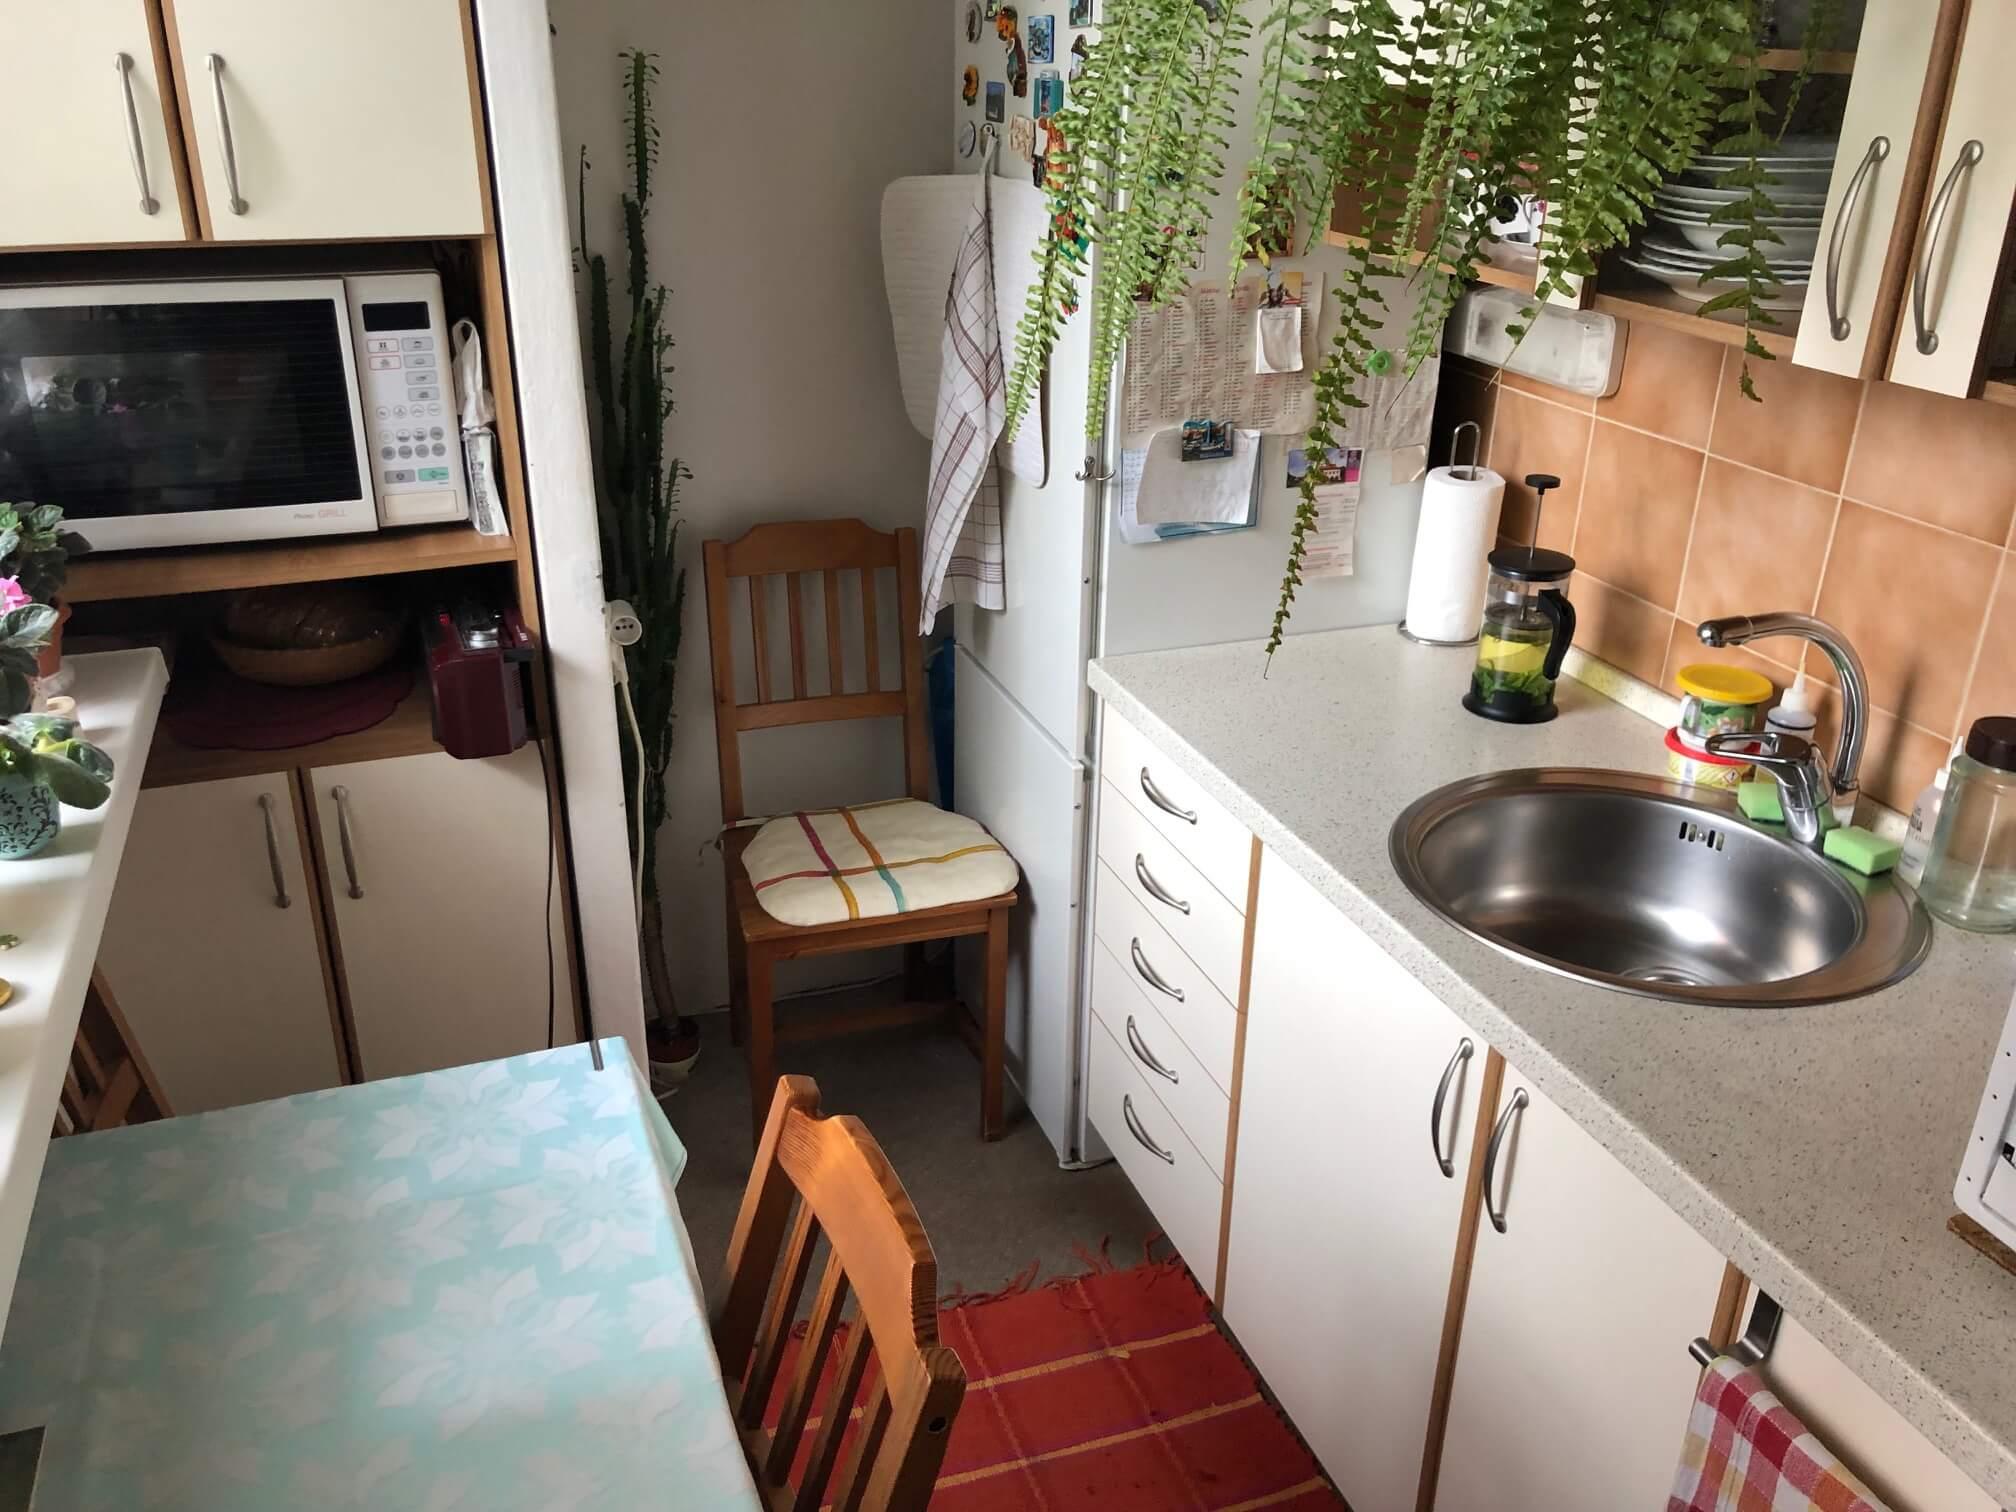 Predaný: 1 izbový byt, Ipeľská, Bratislava, 38m2, nízke náklady, parkovanie, vynikajúca občianska vybavenosť-9